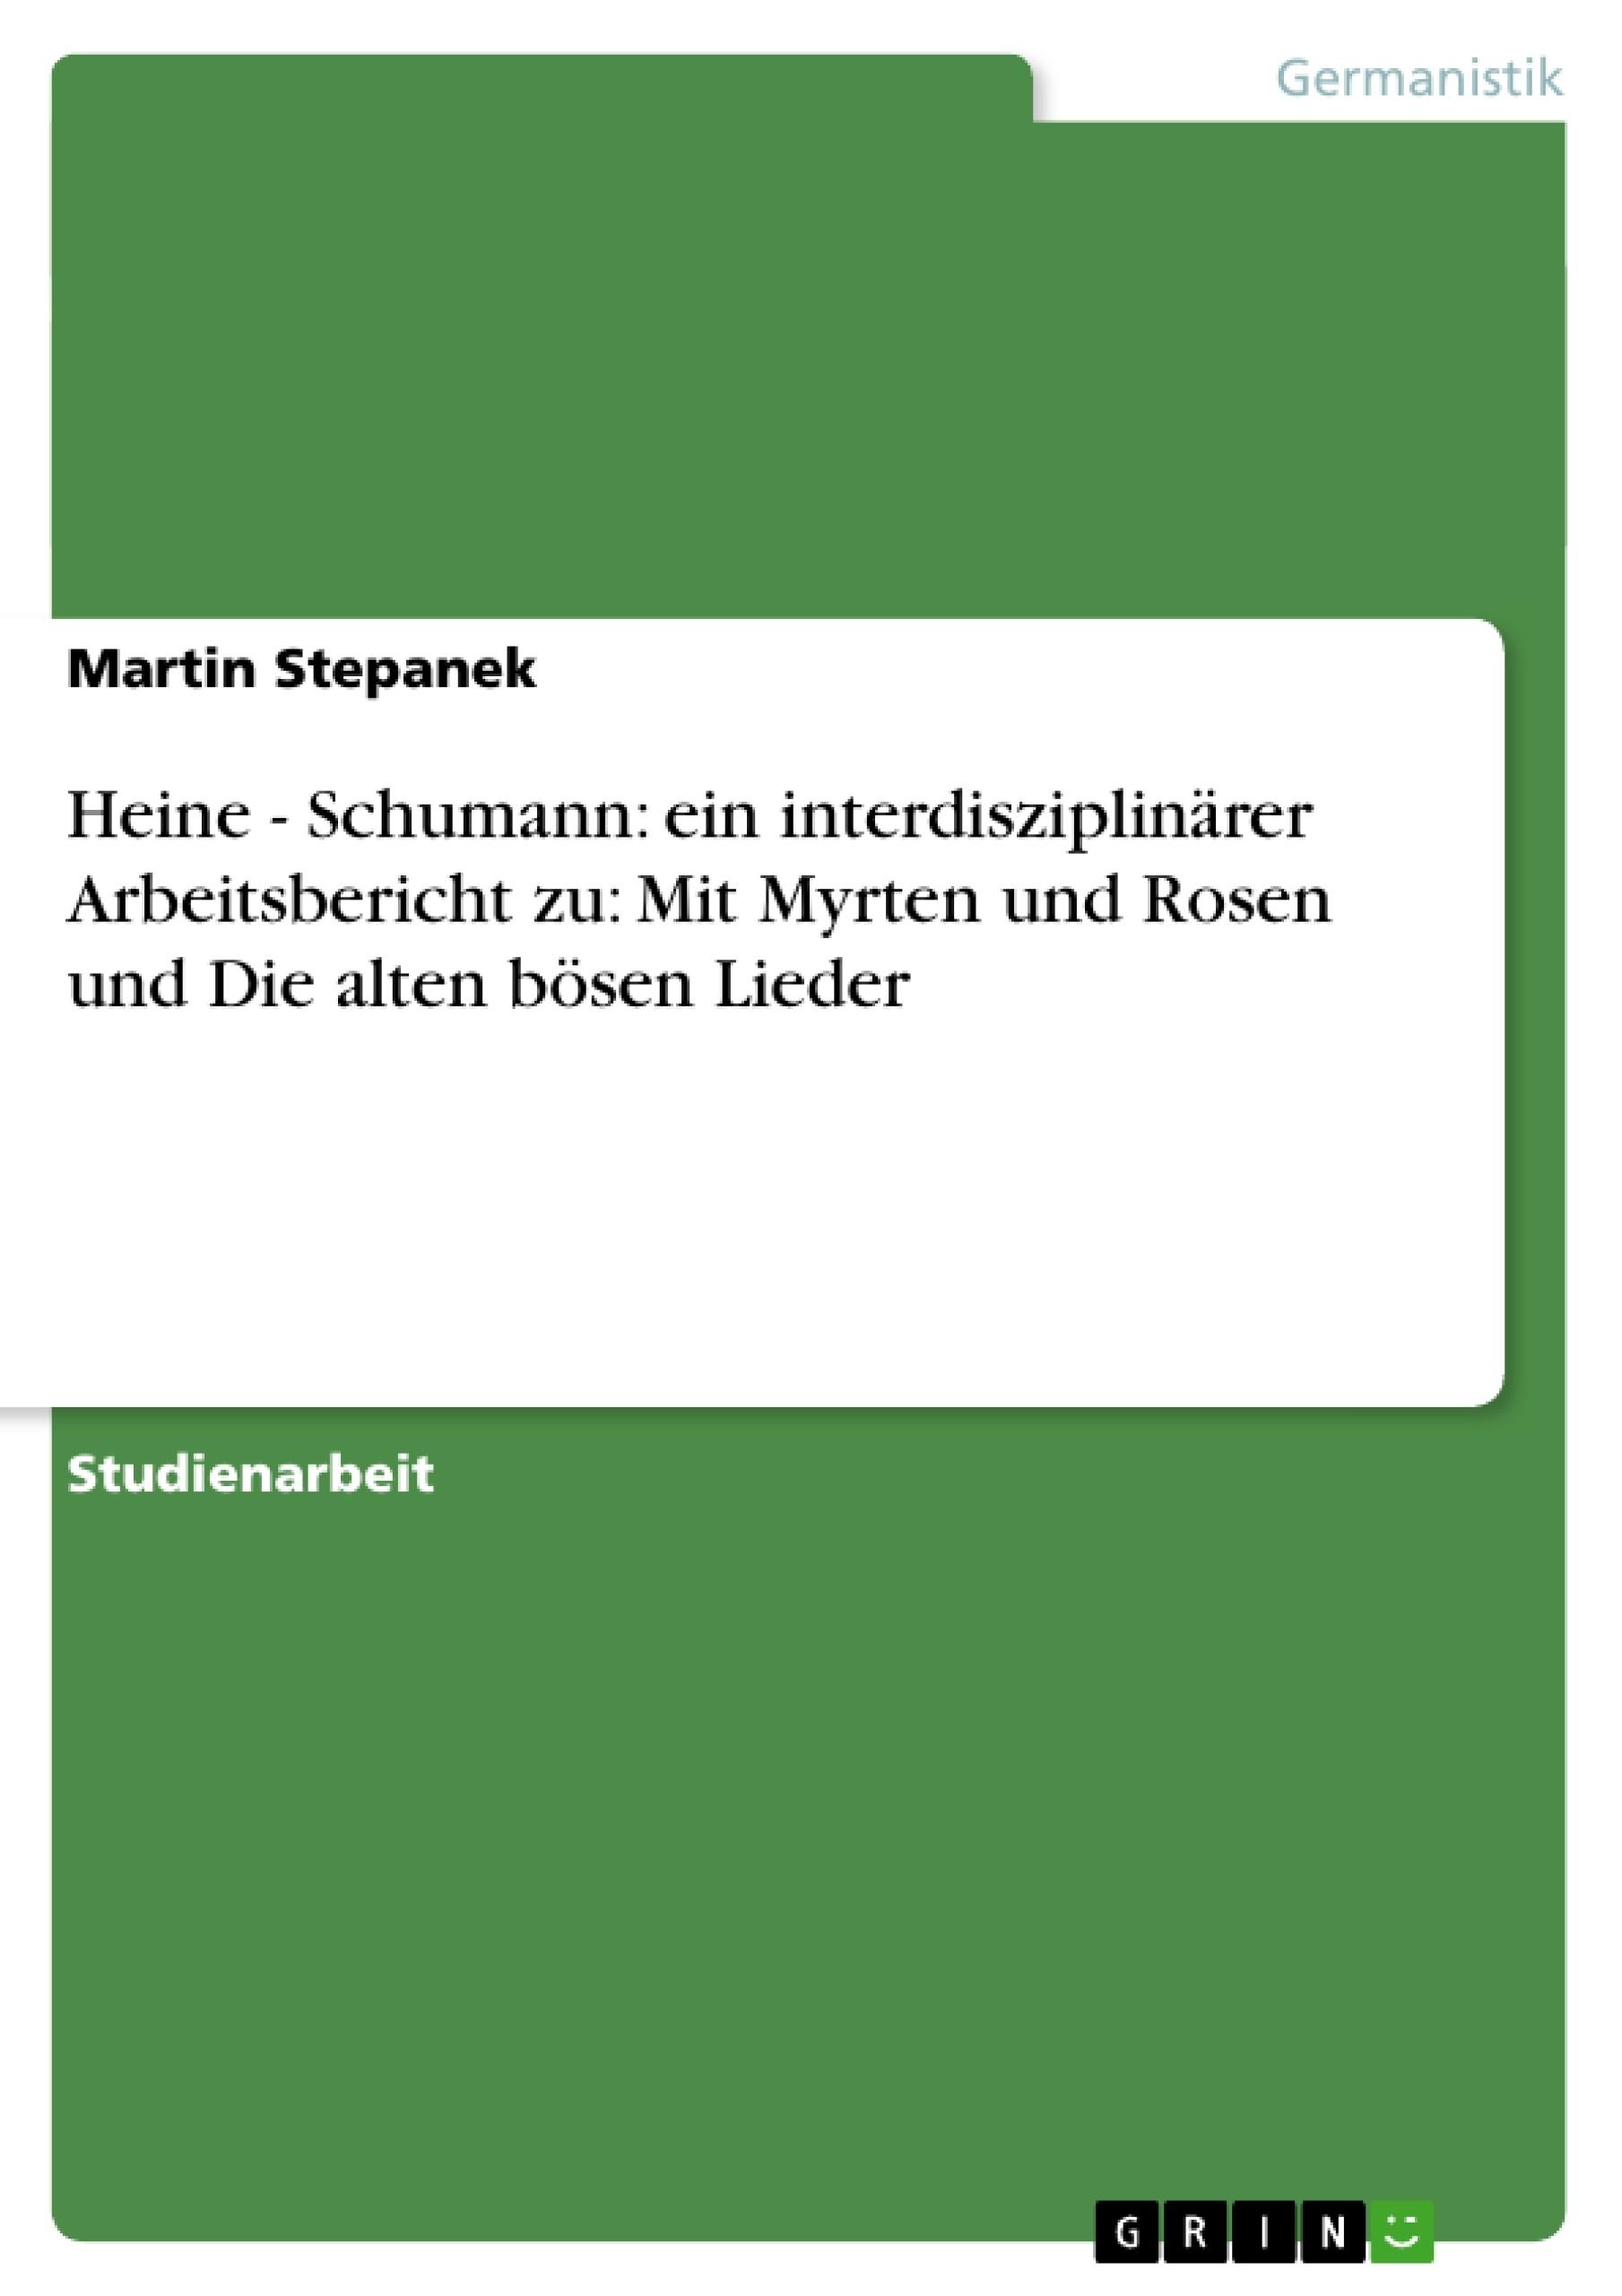 Titel: Heine - Schumann: ein interdisziplinärer Arbeitsbericht zu: Mit Myrten und Rosen und Die alten bösen Lieder